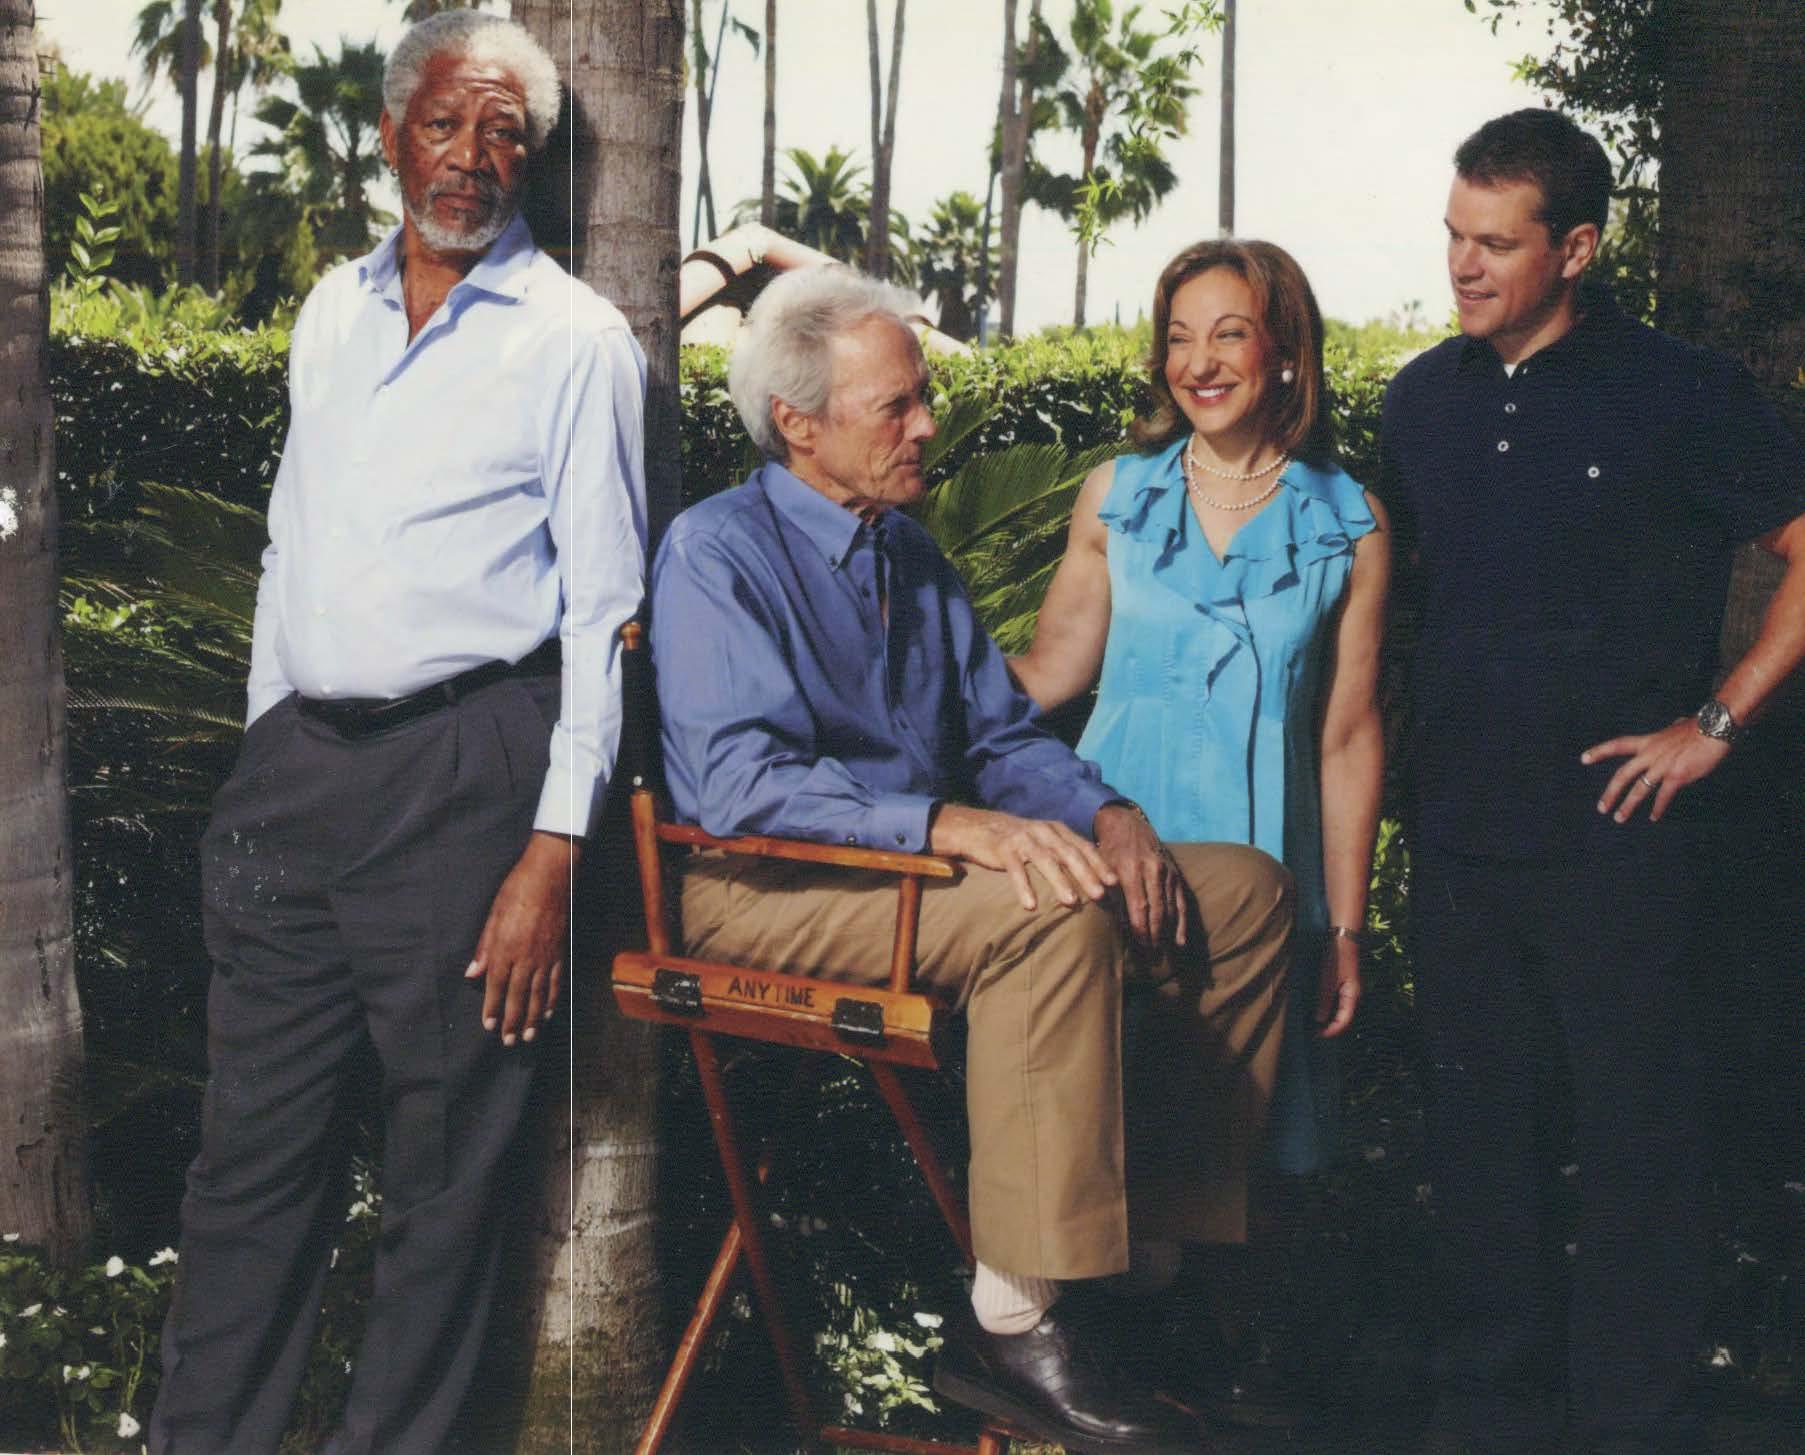 An afternoon interviewing Morgan Freeman, Clint Eastwood, and Matt Damon